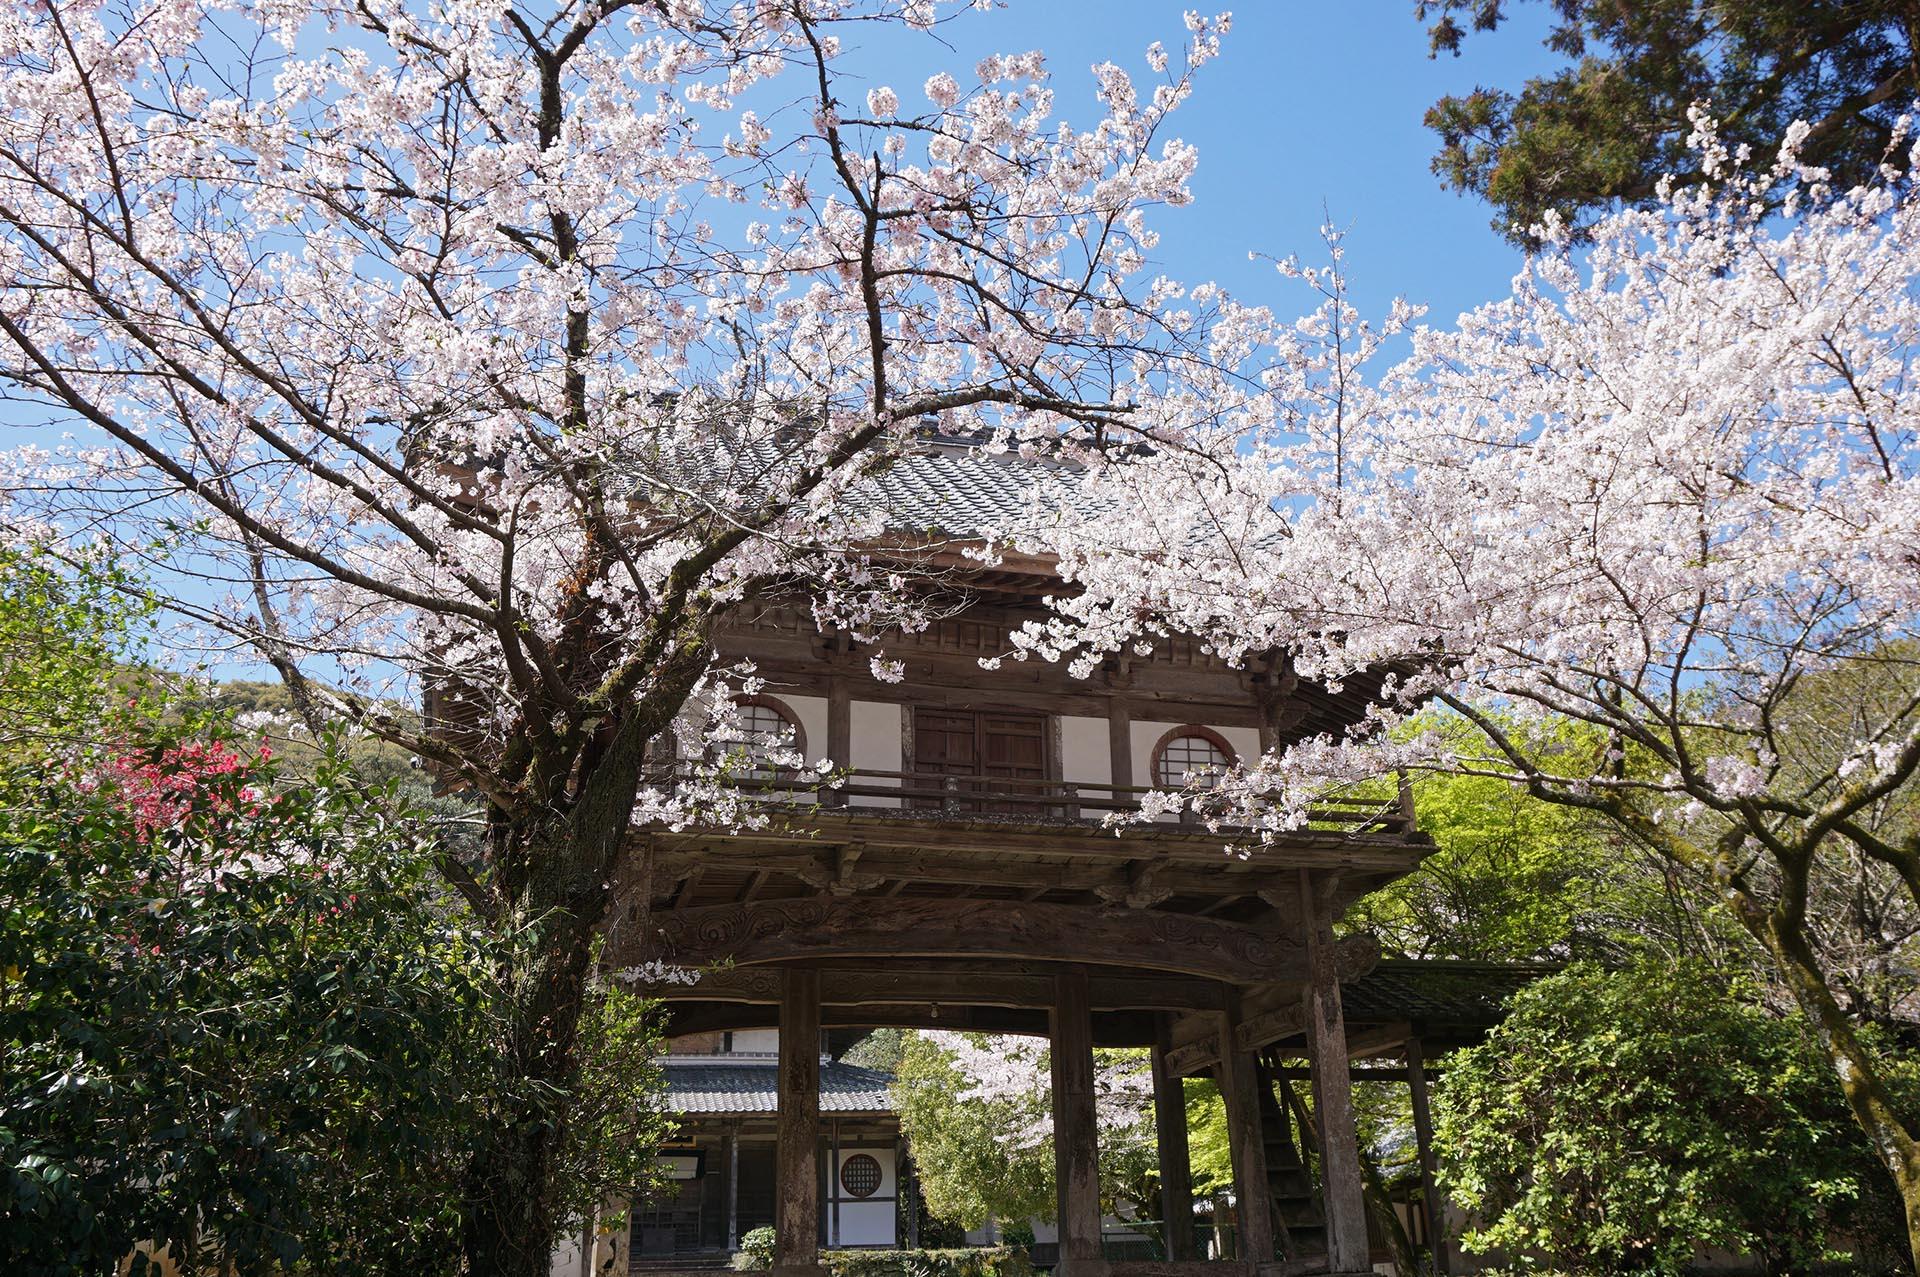 普明寺の楼門と桜